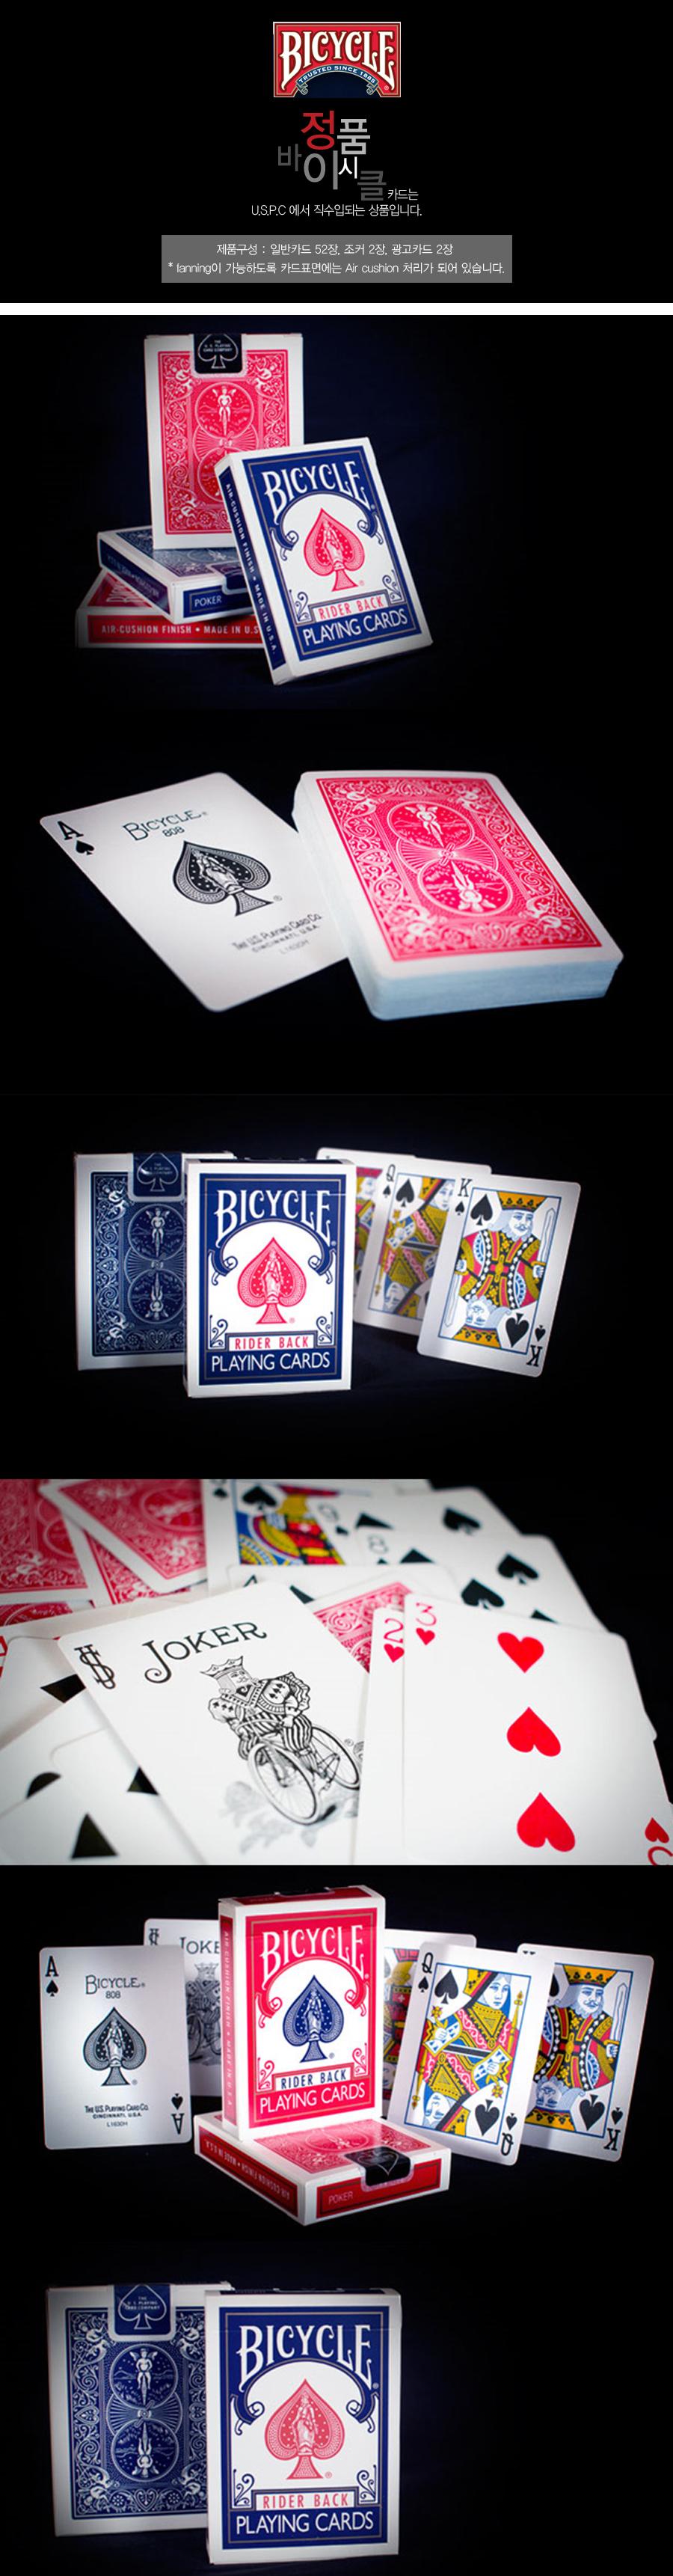 정품바이시클-블루 - 제이엘, 6,000원, 카드마술, 카드마술